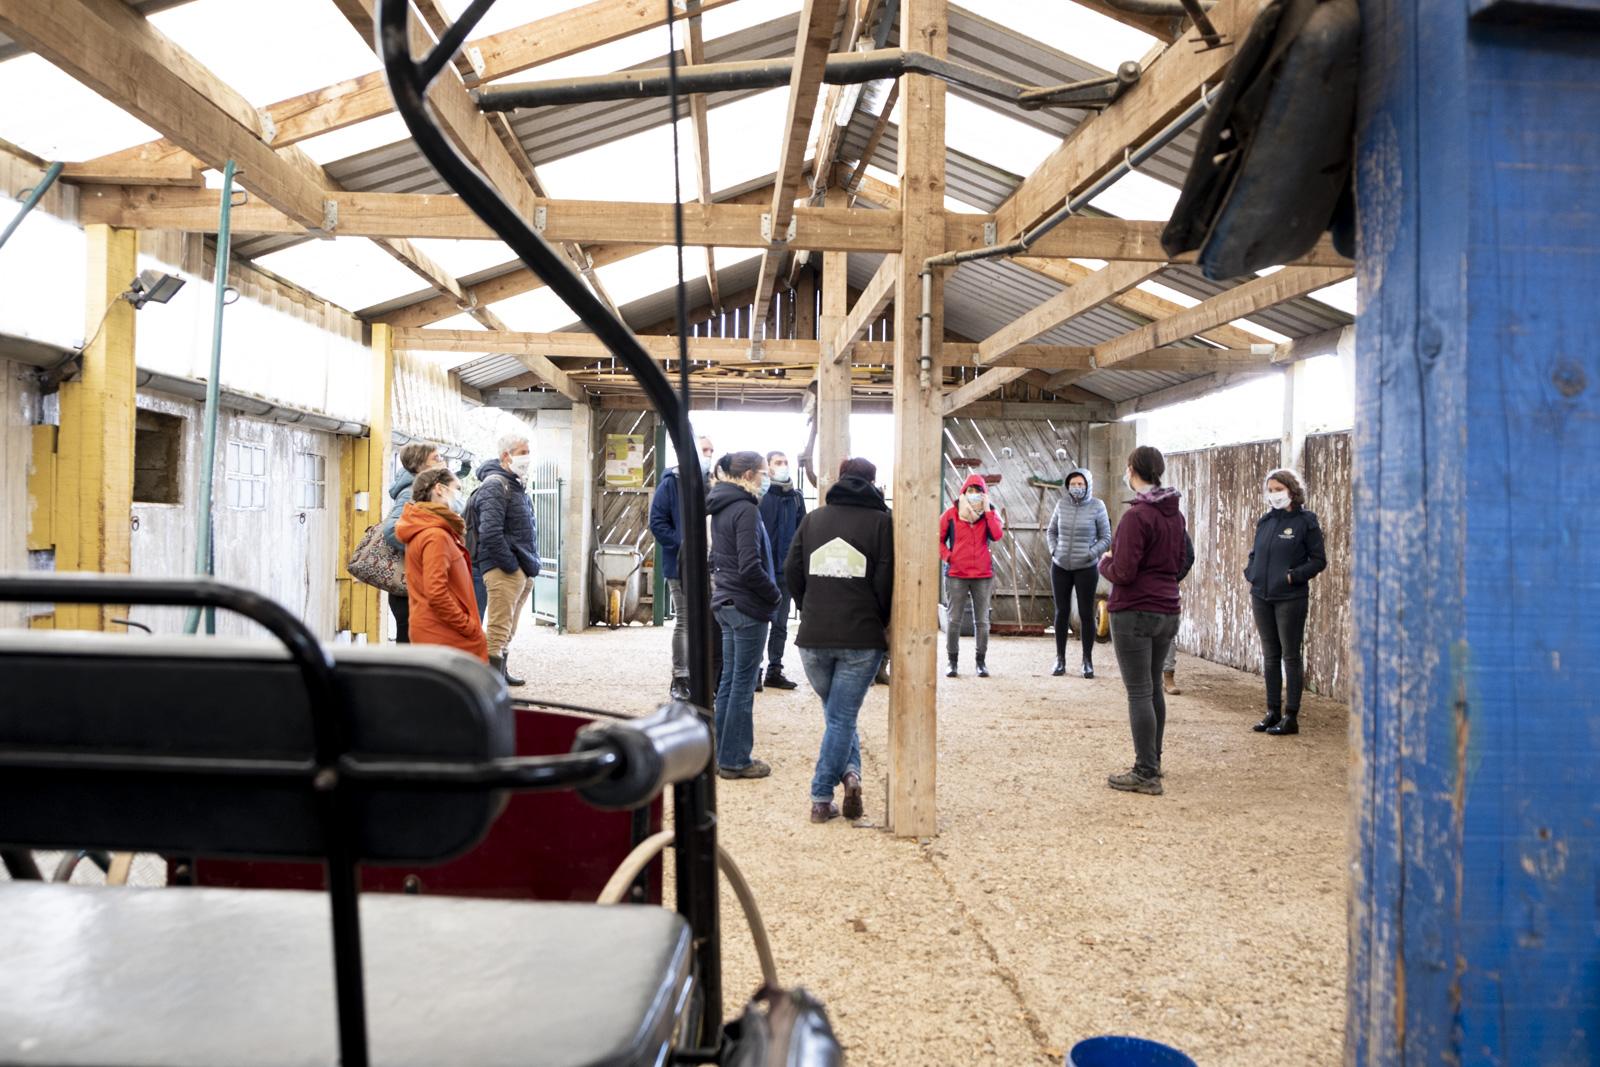 AGRICULTURE_SOCIALE_Visite_de_ferme_Asinerie_de_l_O